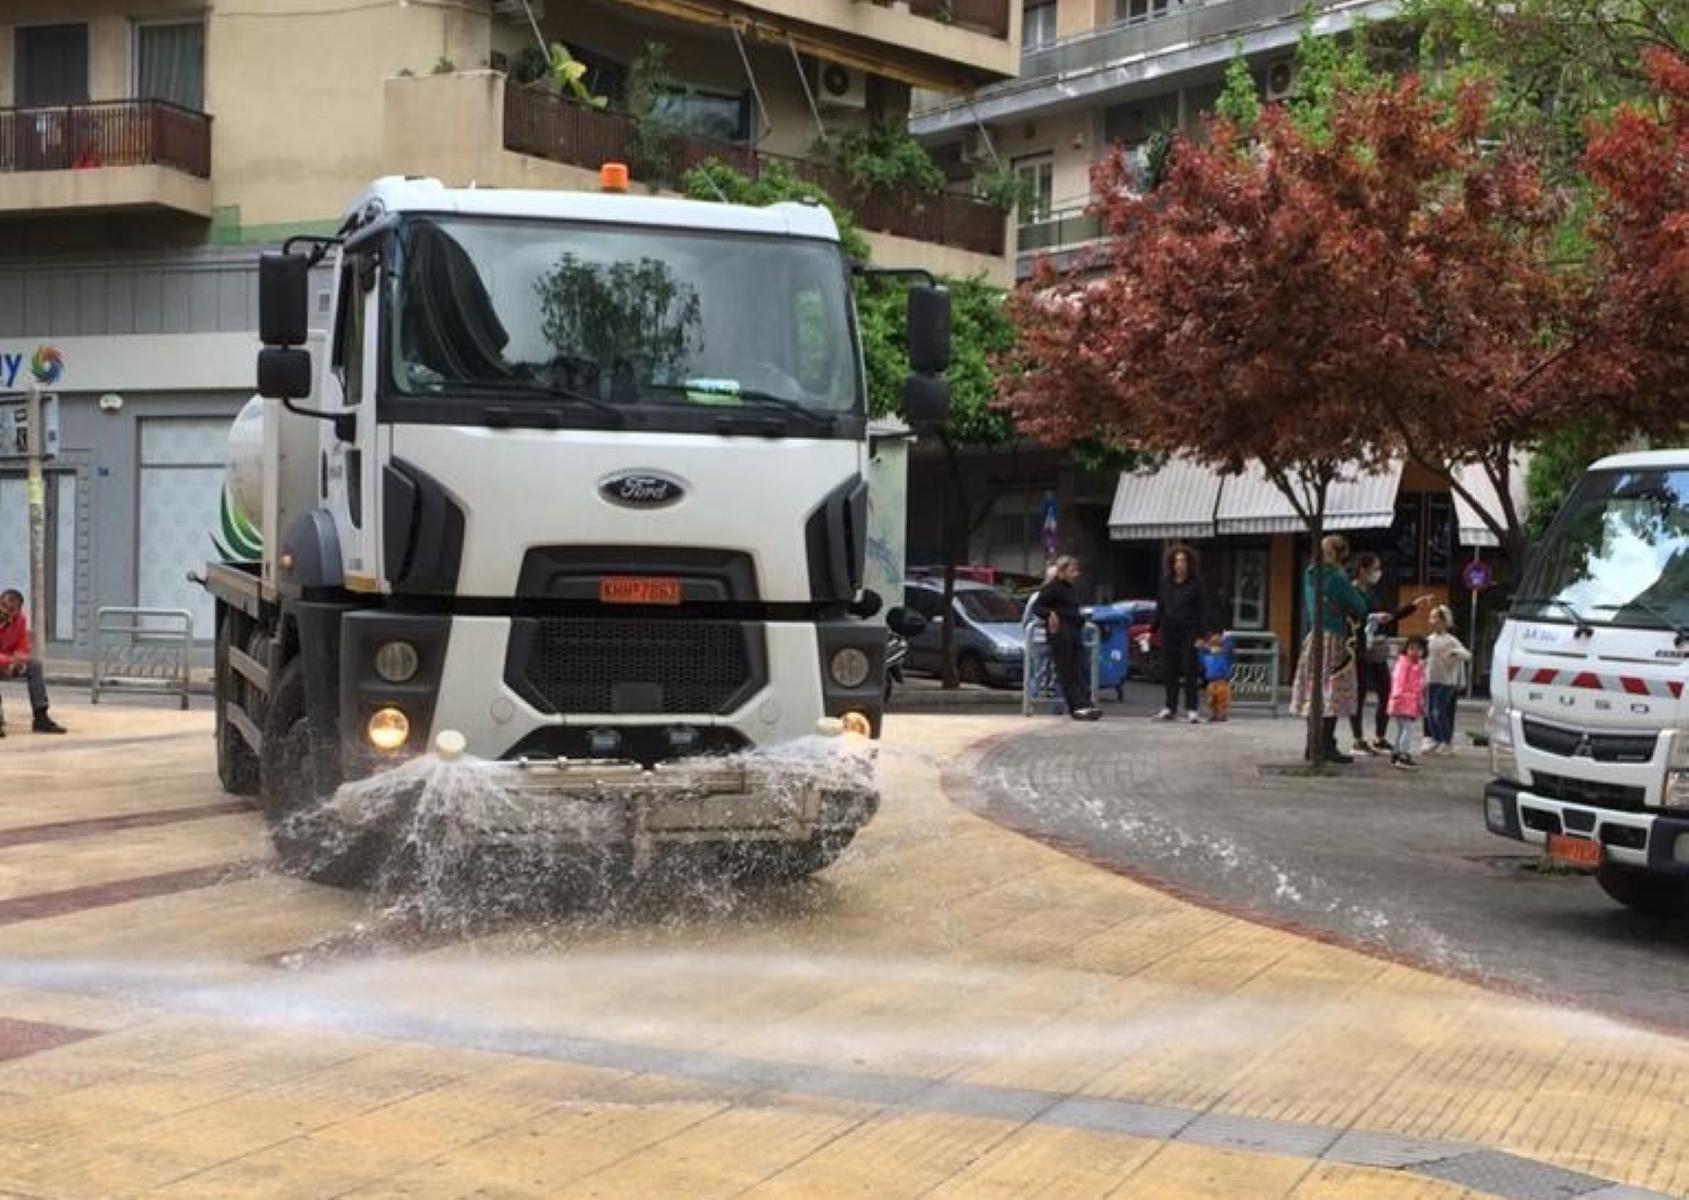 Επιχείρηση καθαριότητας στην Κυψέλη από το Δήμο Αθηναίων